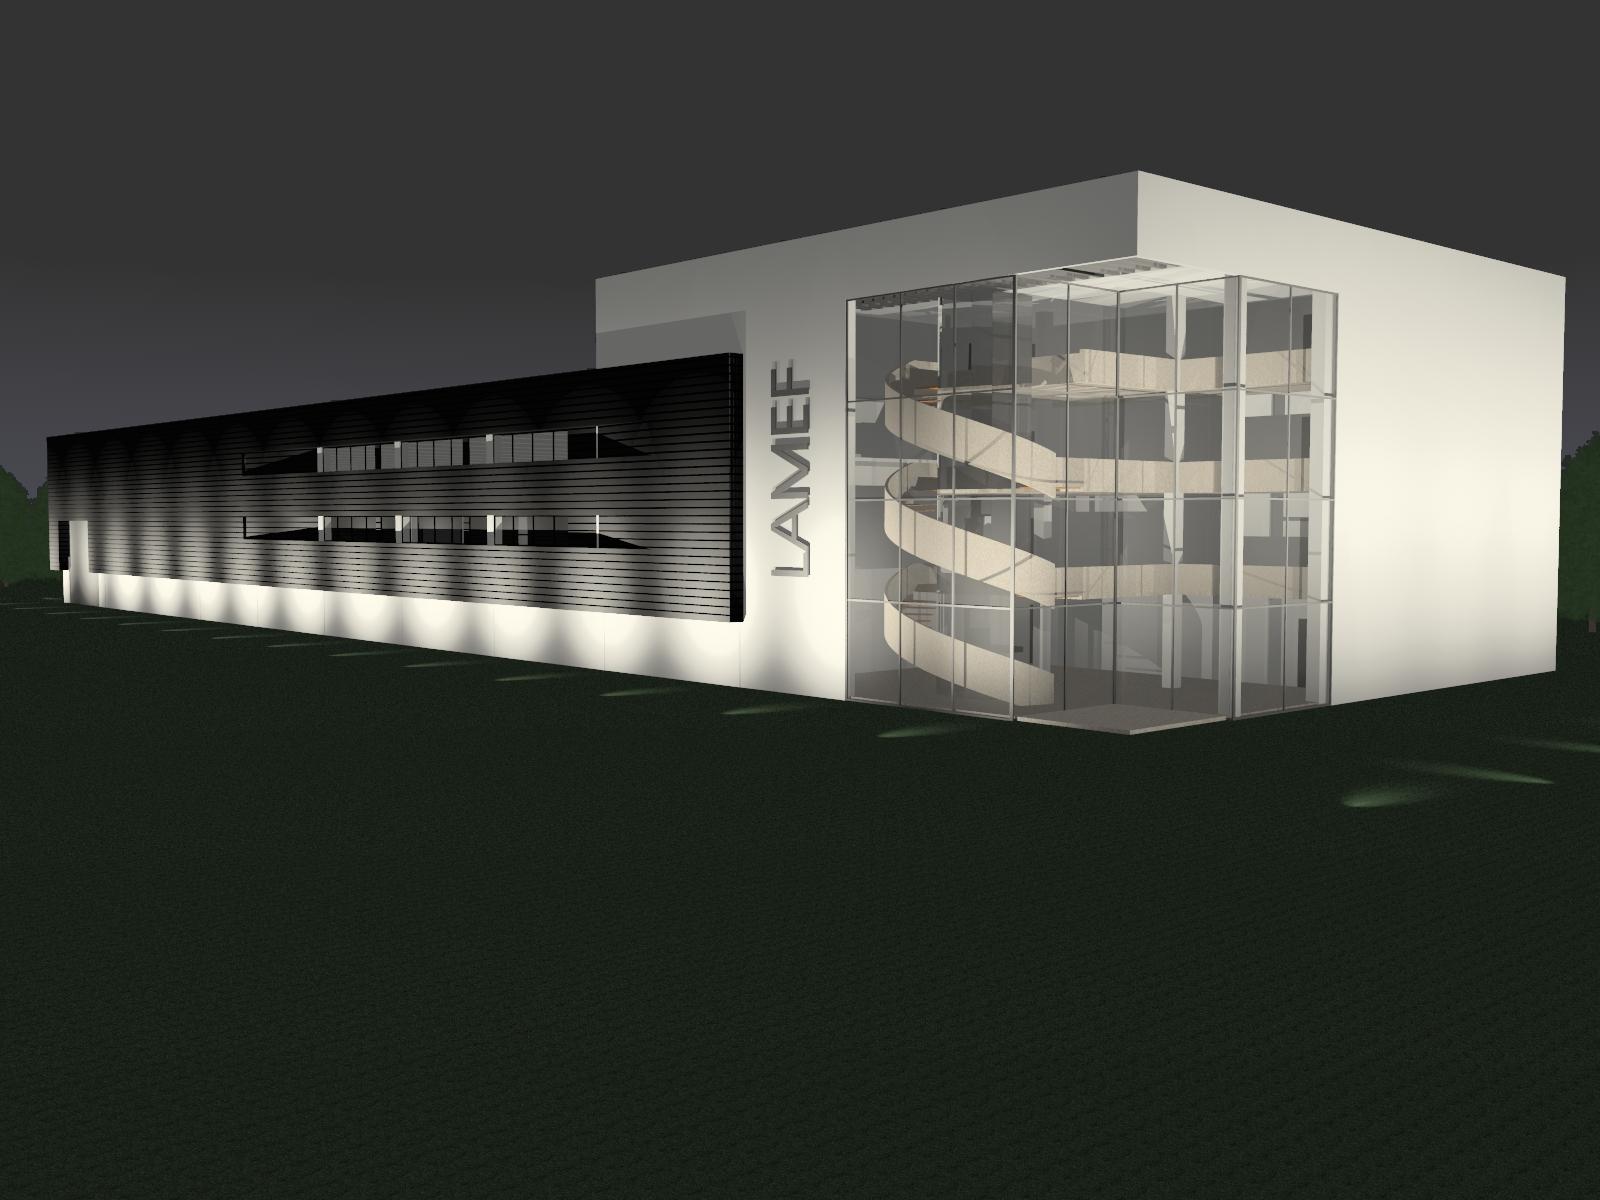 projeto do prédio do LAMEF